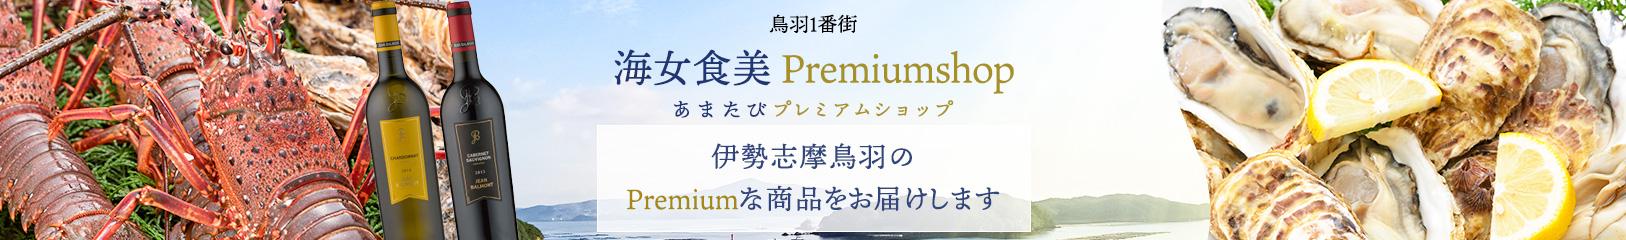 鳥羽1番街 海女食美(あまたび)Premium Shop(プレミアムショップ)